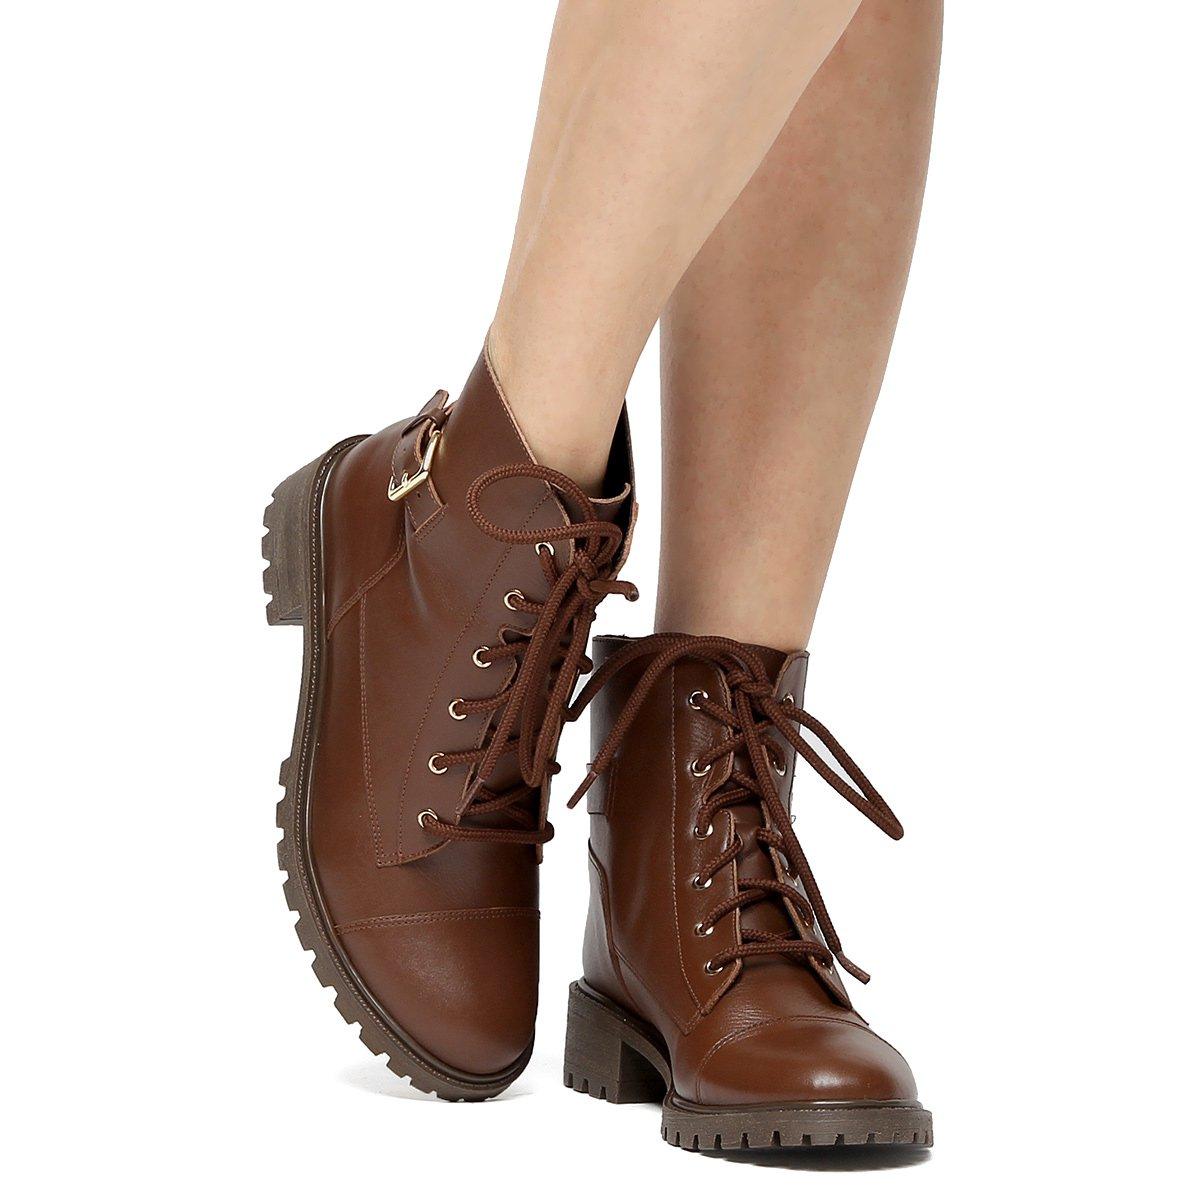 ad652ac36d Bota Couro Coturno Shoestock Fivela Feminina - Marrom - Compre Agora ...